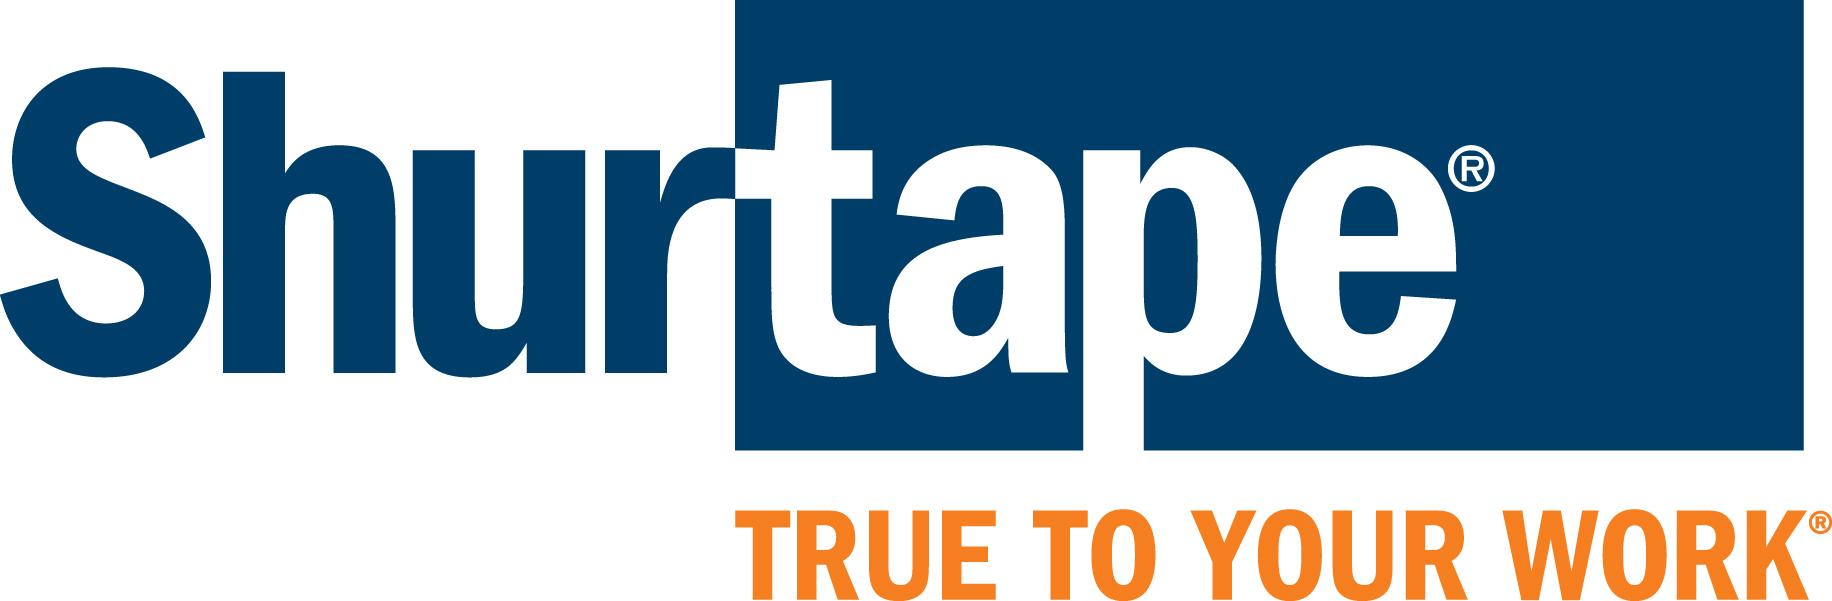 shurtape_logo_tag_1.jpg